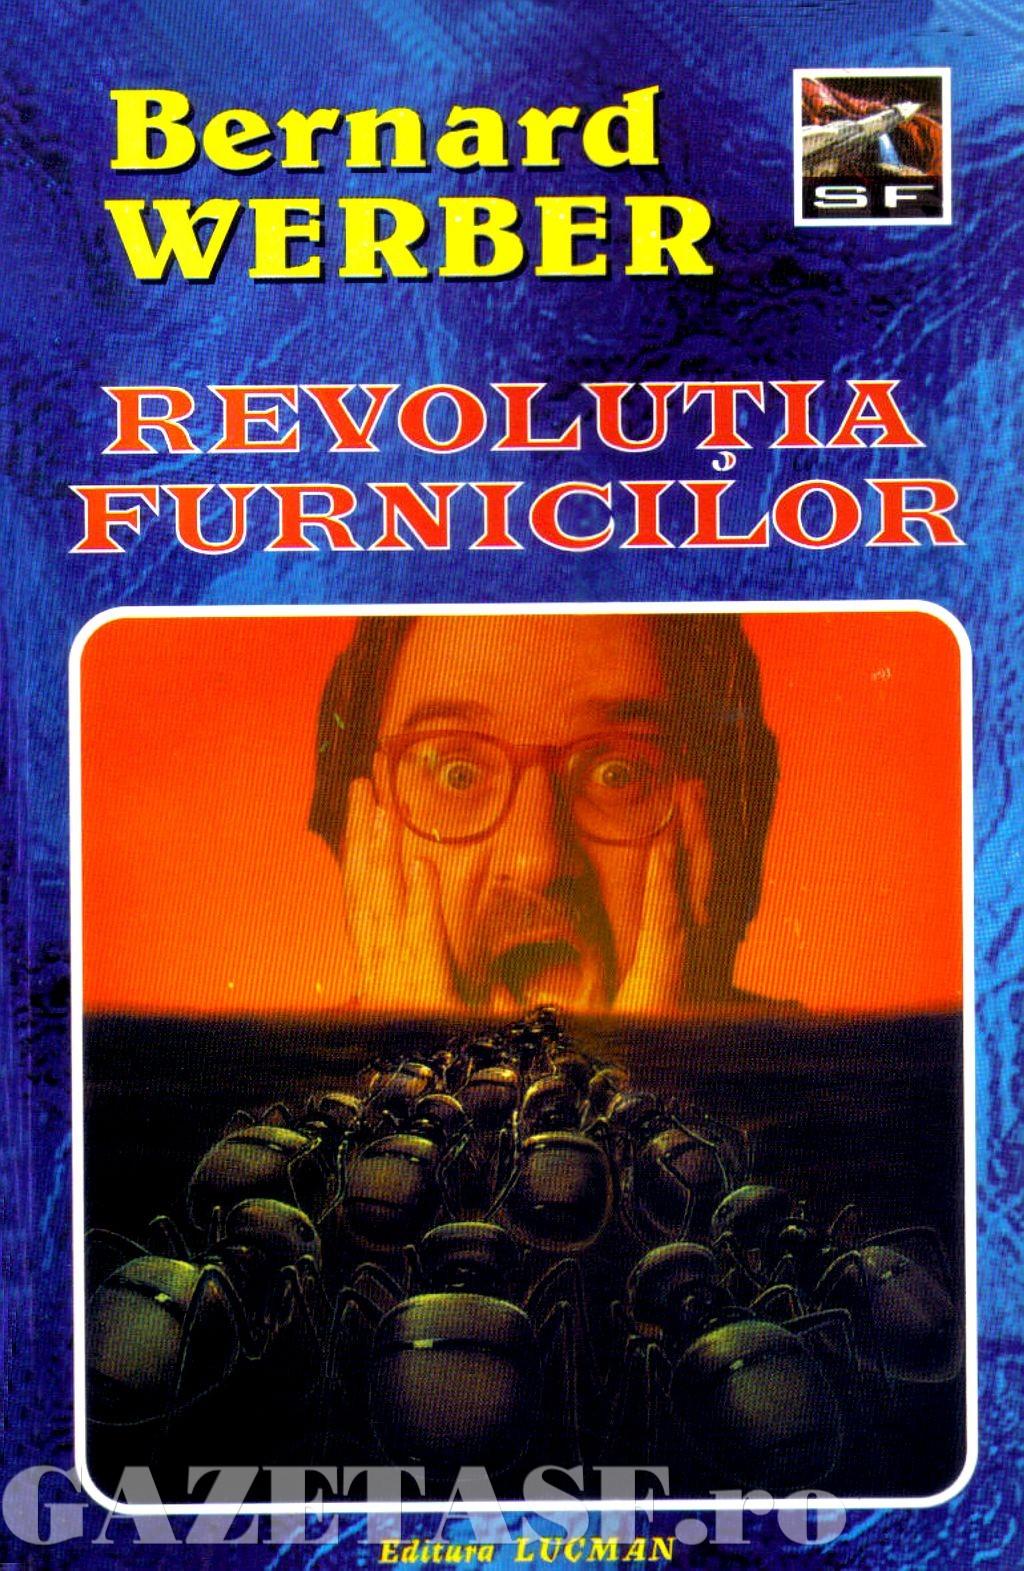 Bernard Werber - Revolutia furnicilor, Lucman, 2000